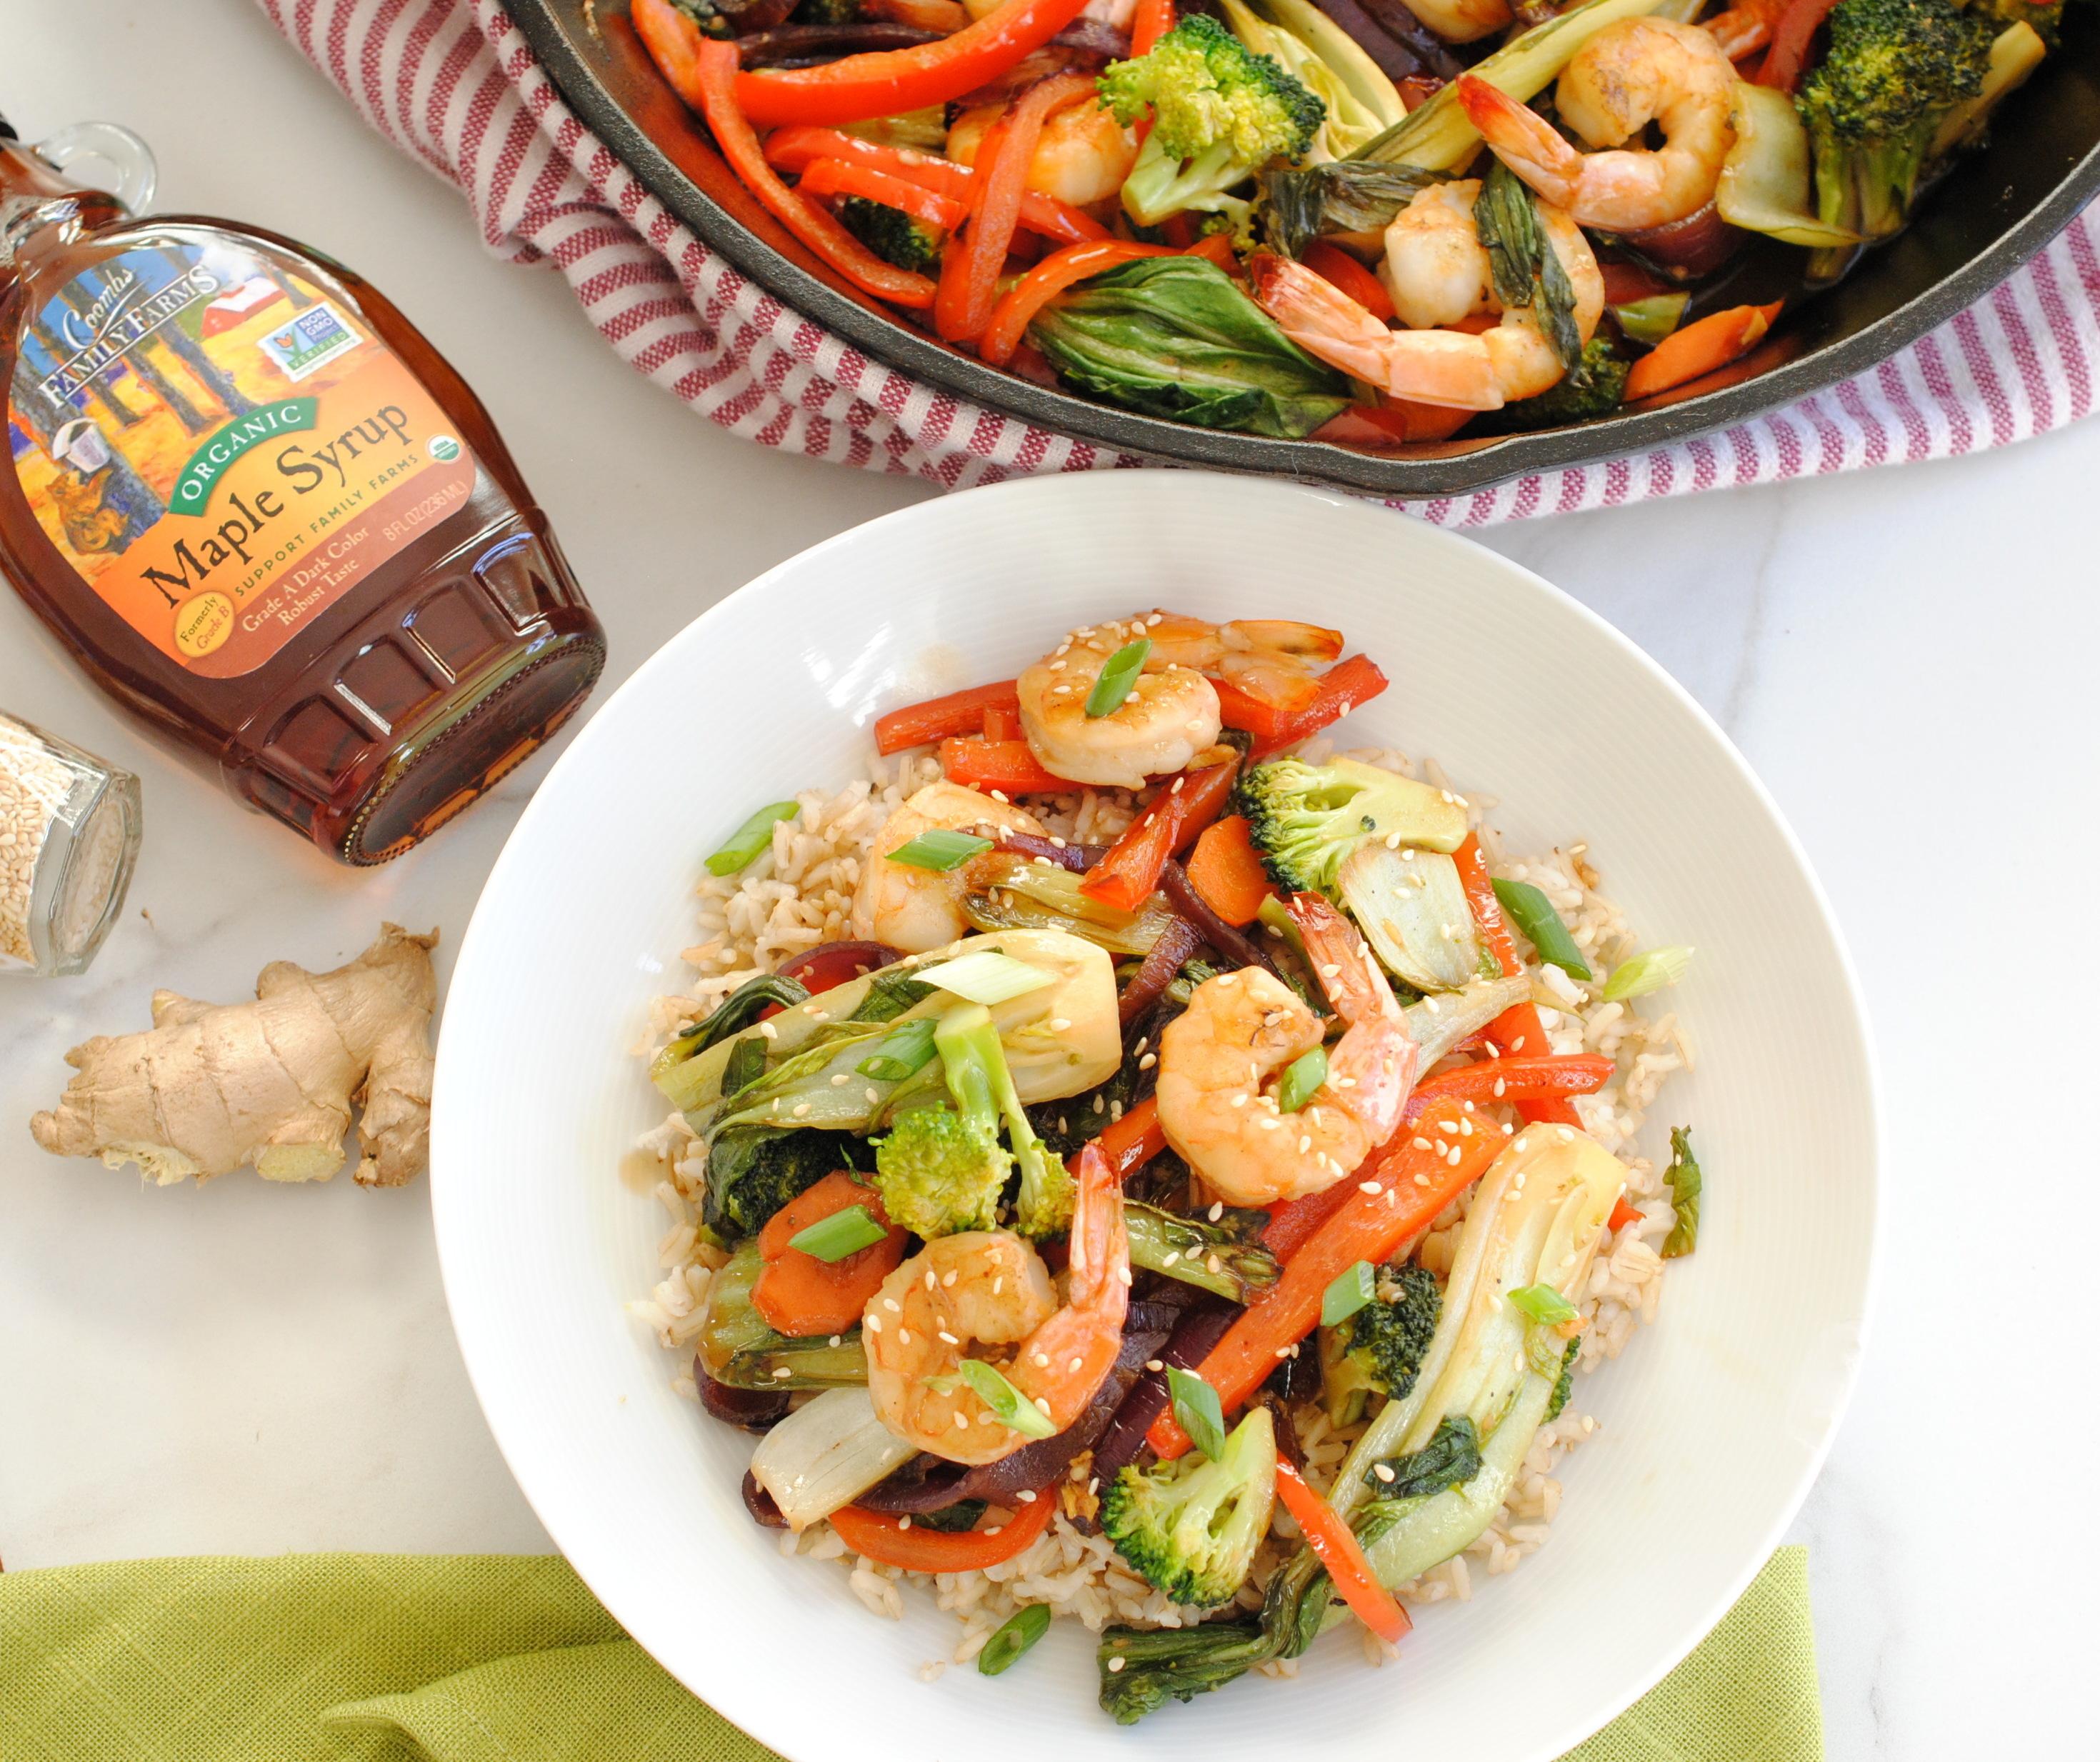 Maple teriyaki shrimp stir-fry